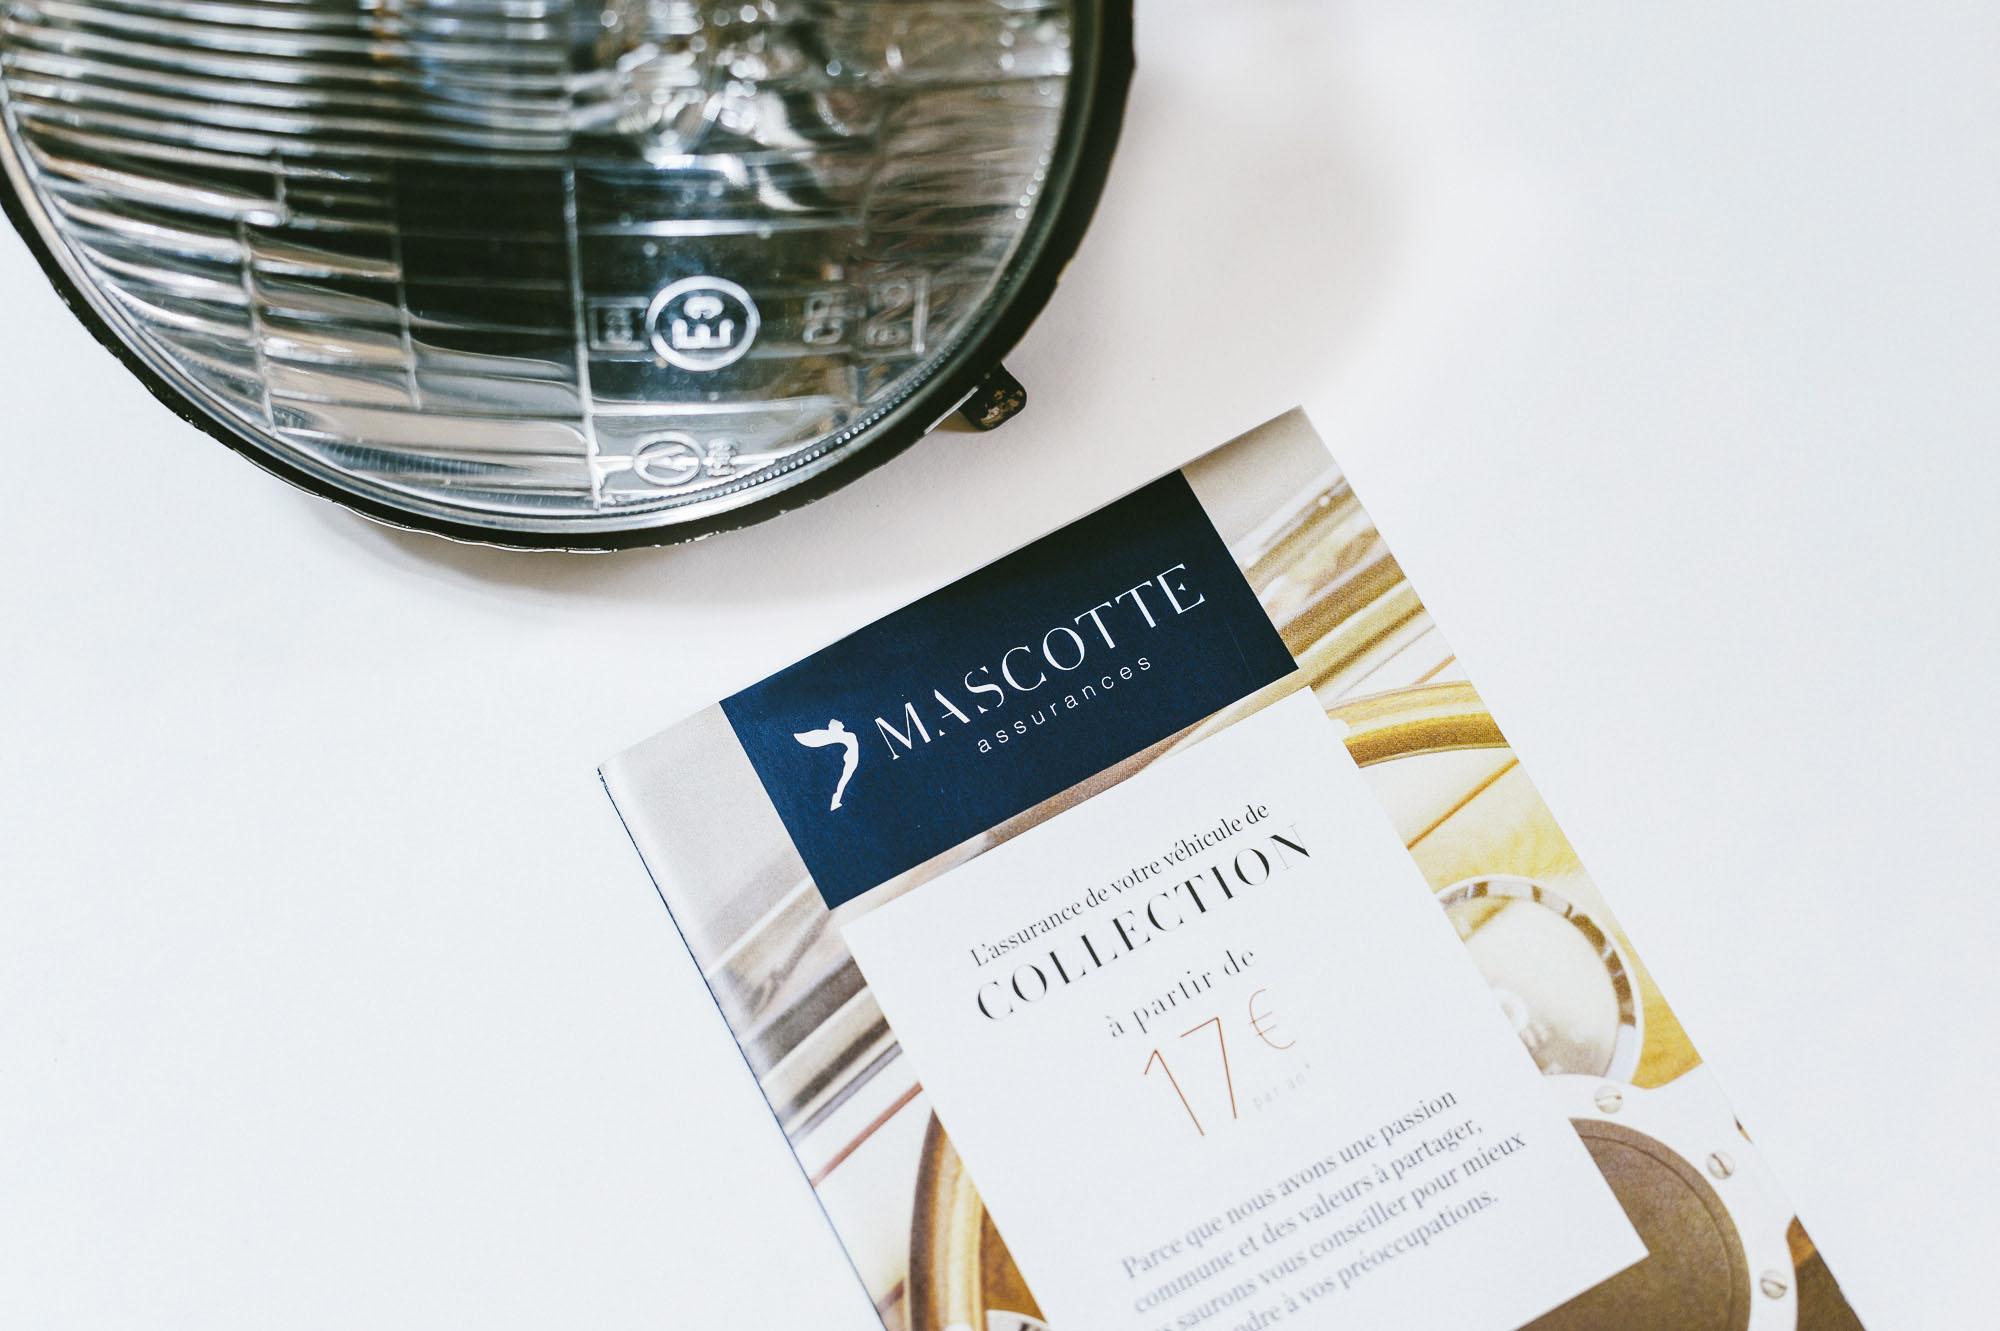 MASCOTTE-5